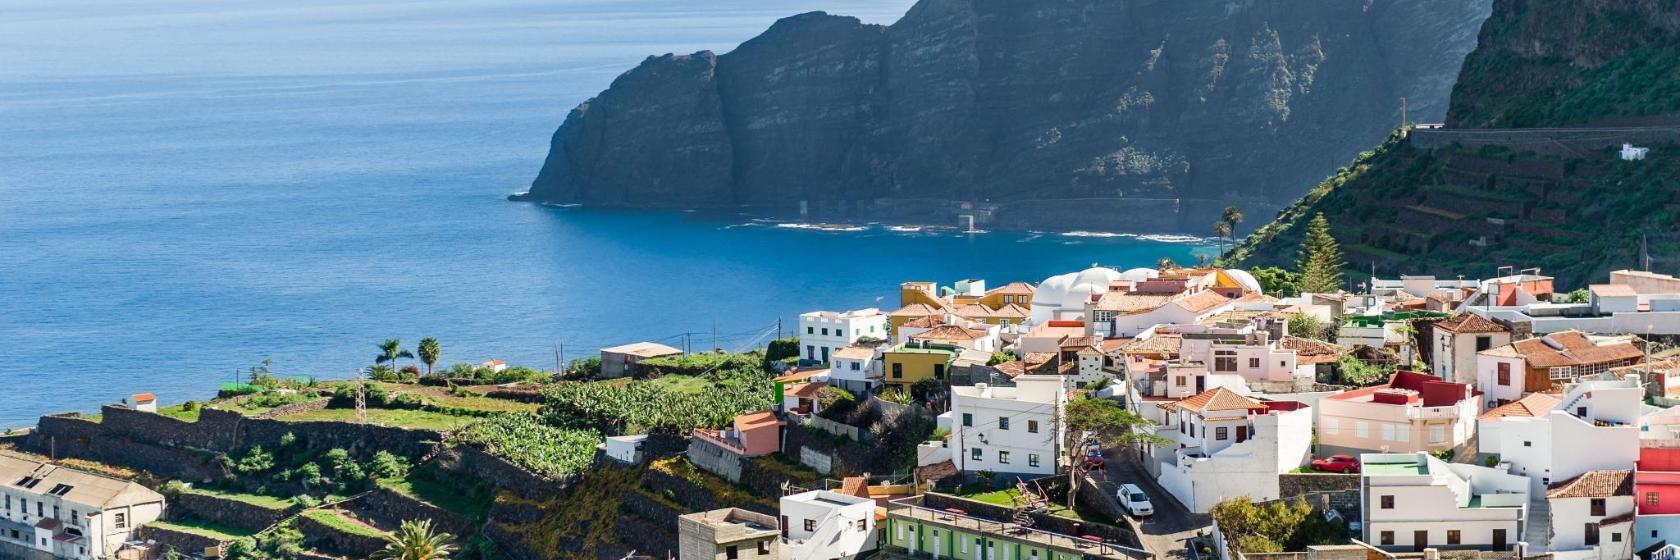 Los 10 Mejores Hoteles de La Gomera - Dónde alojarse en La ...